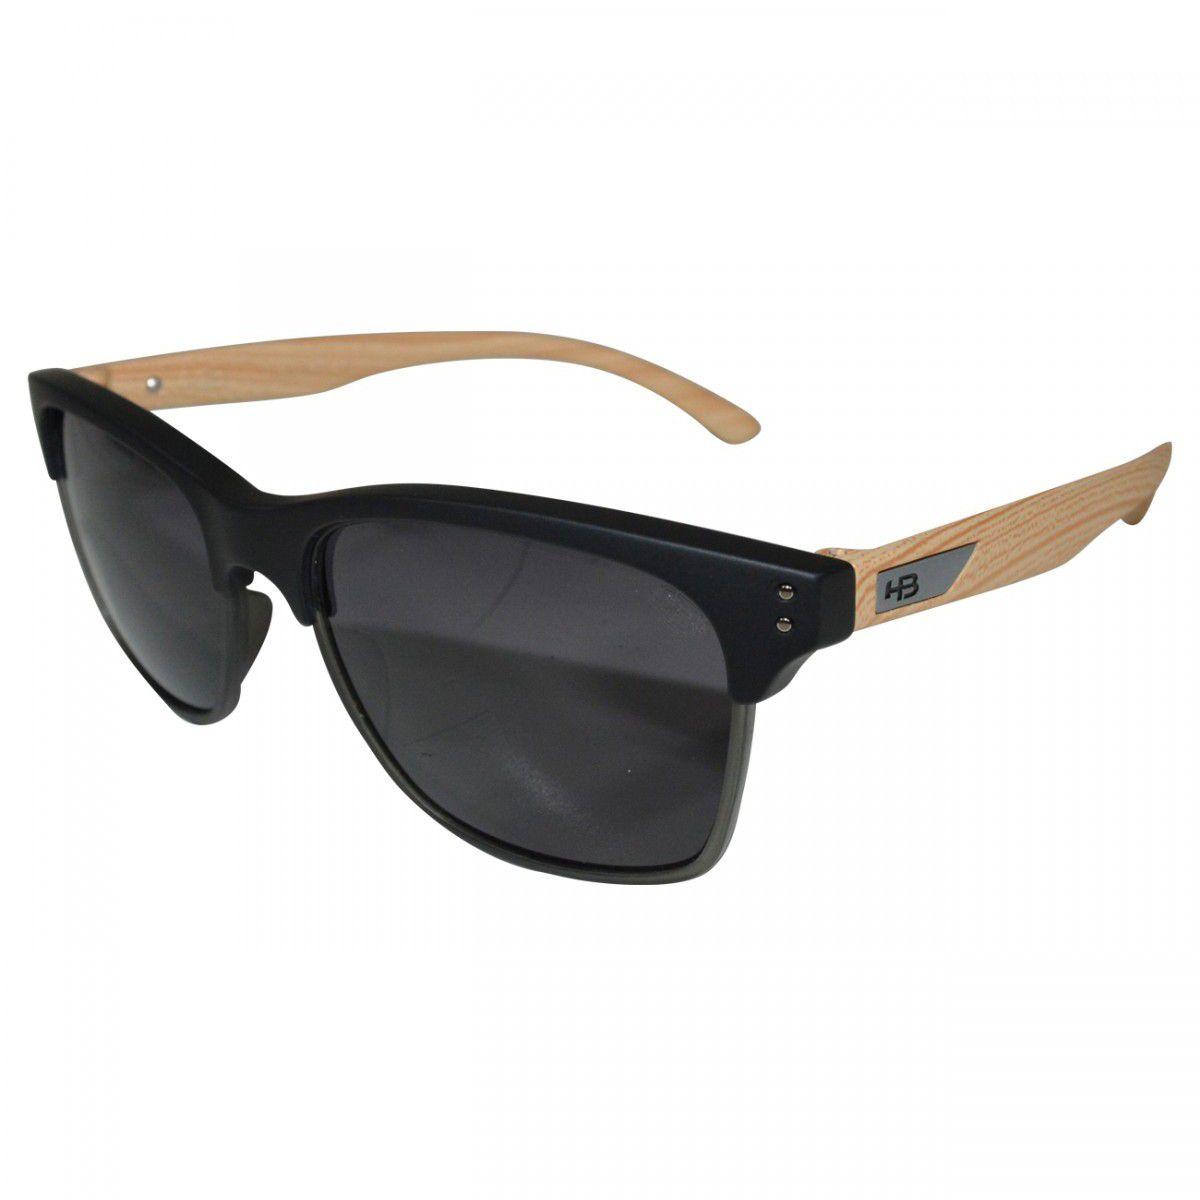 Óculos de Sol HB Slam Fish